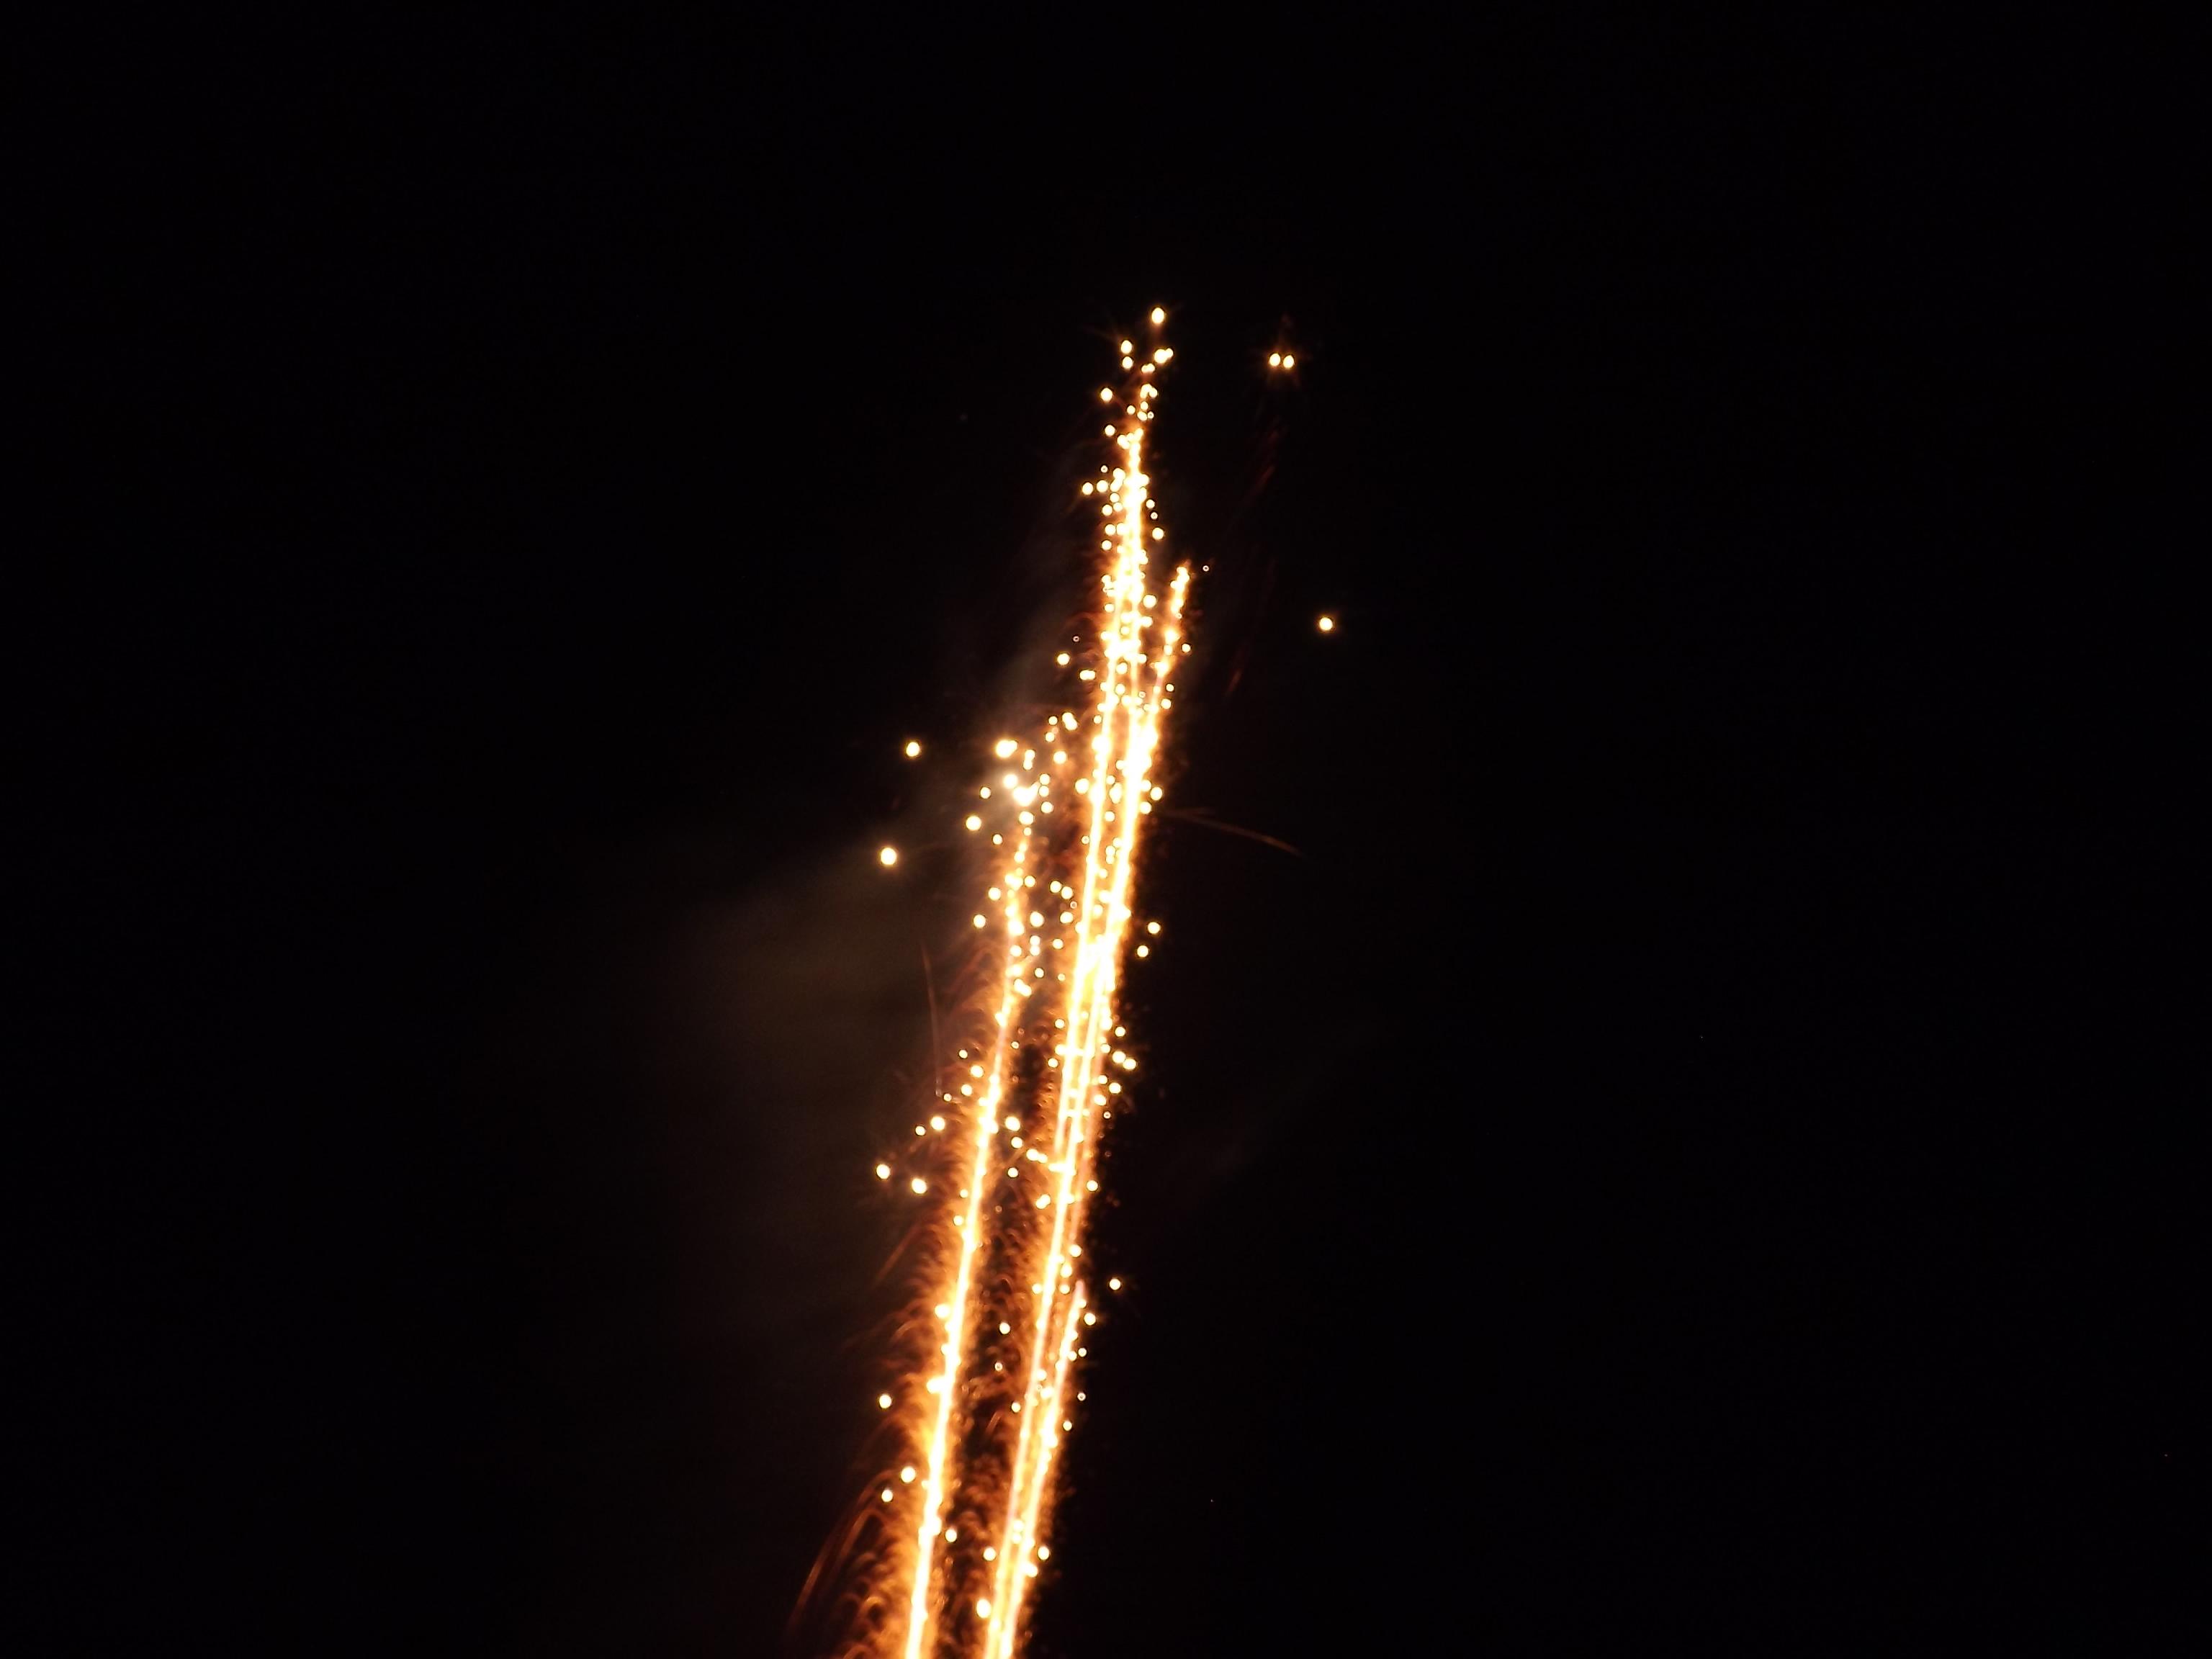 feuerwerk-knistersterne-starten-4537